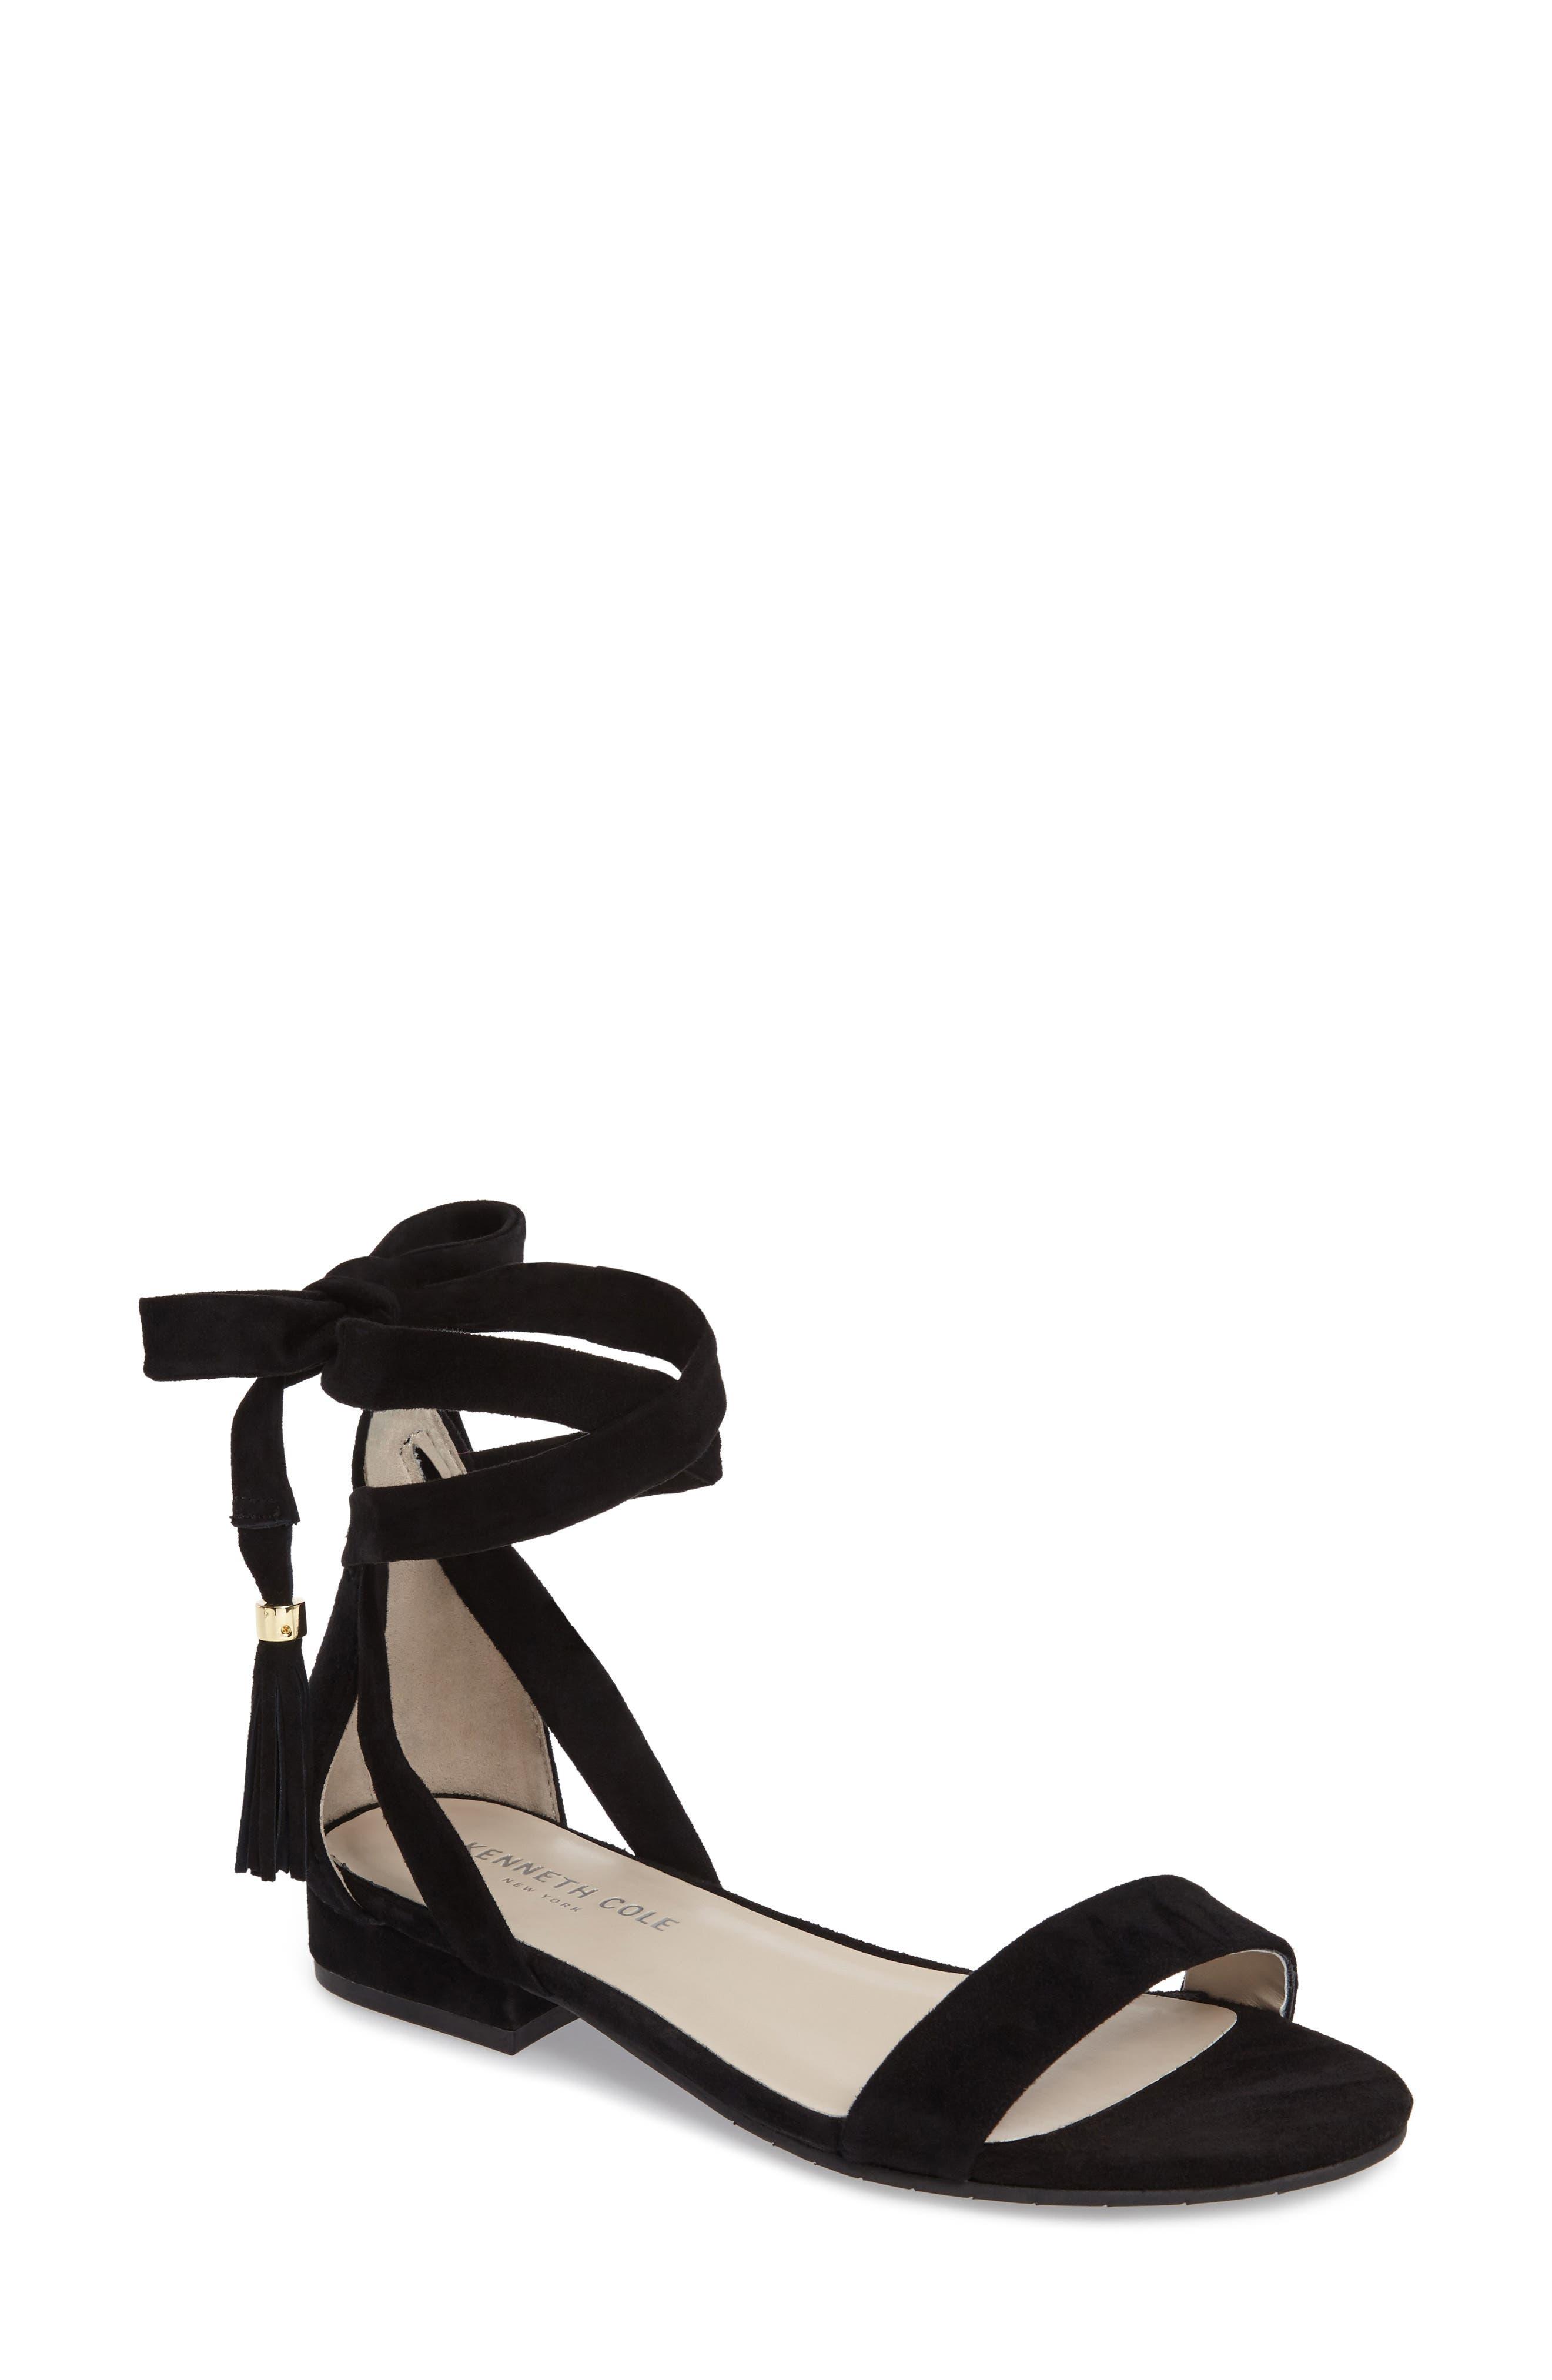 Valen Tassel Lace-Up Sandal,                             Main thumbnail 1, color,                             Black Suede